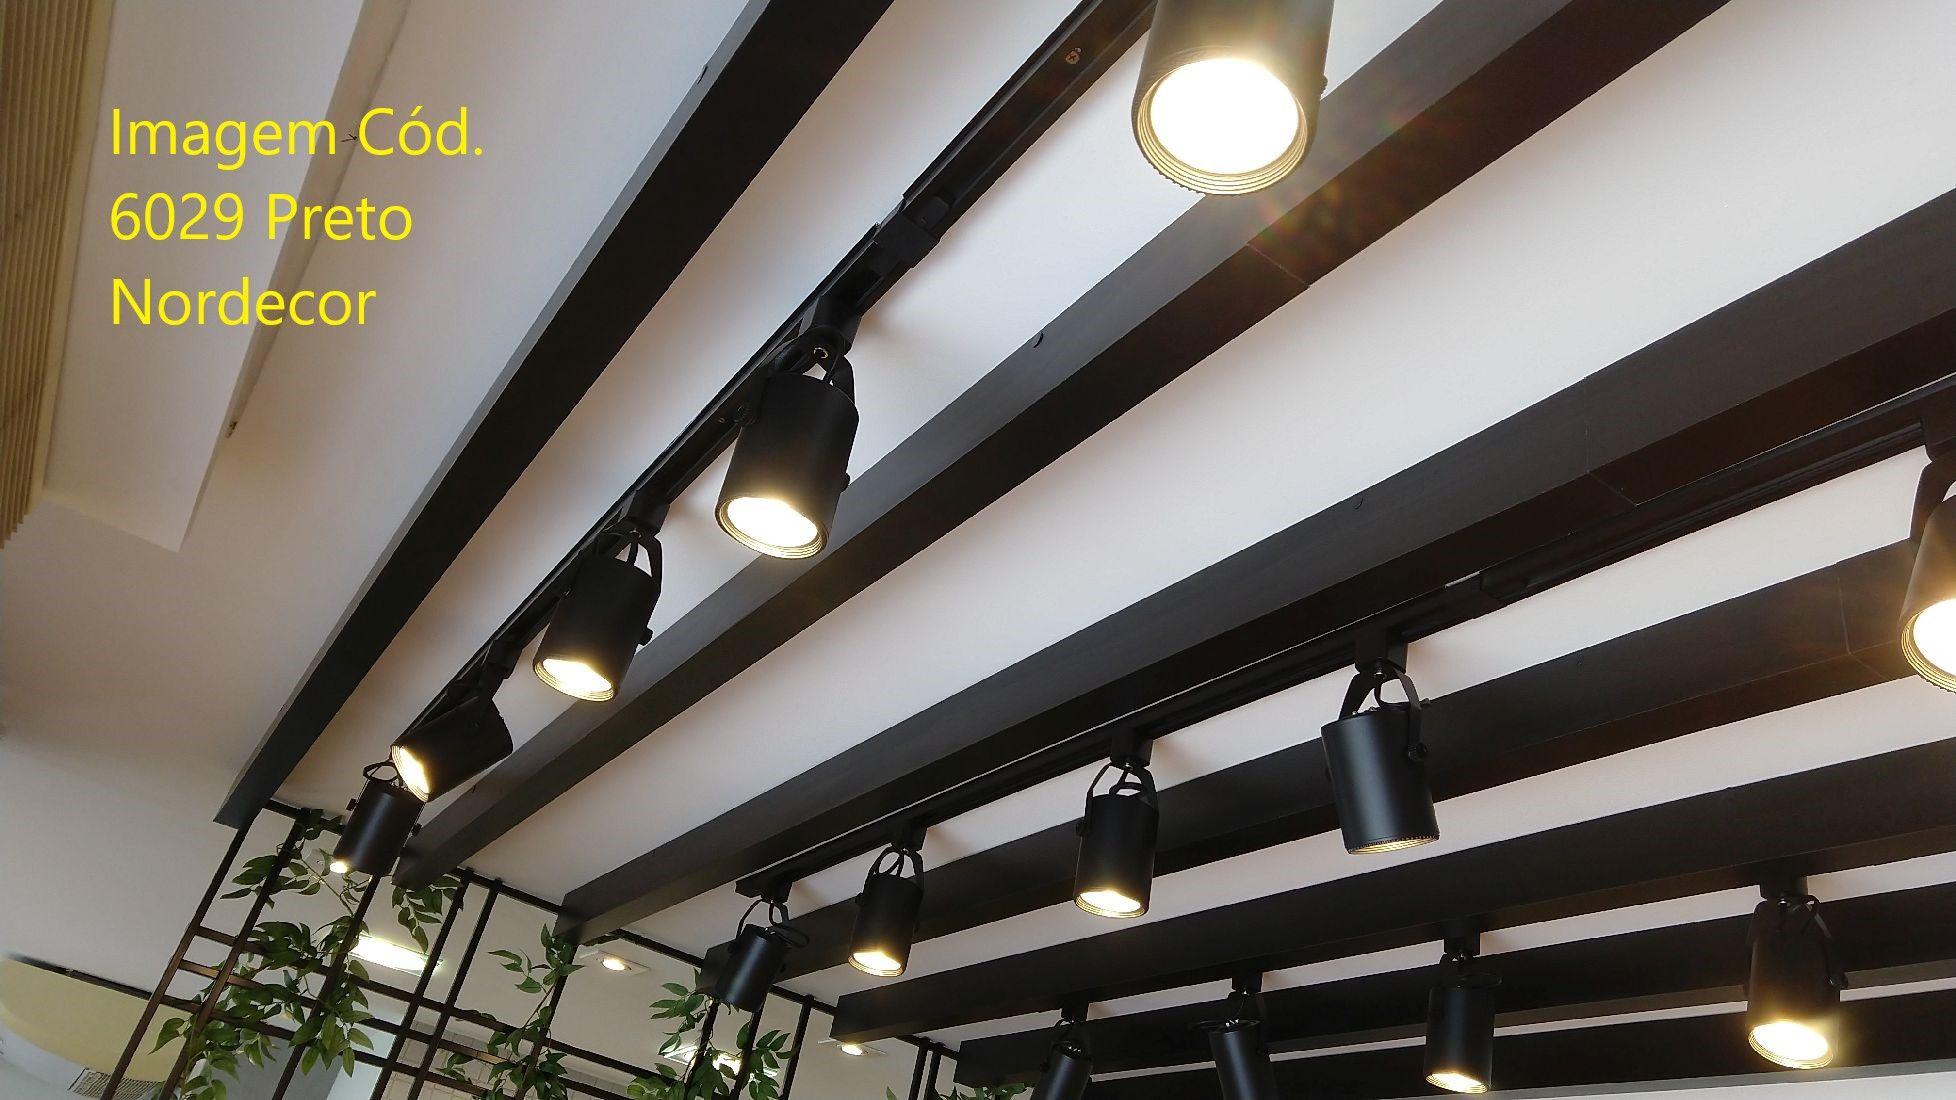 Kit Trilho Eletrificado 1m Branco Lille Nordecor + 3 Spot Par20 + Lâmp. Led Luz Quente